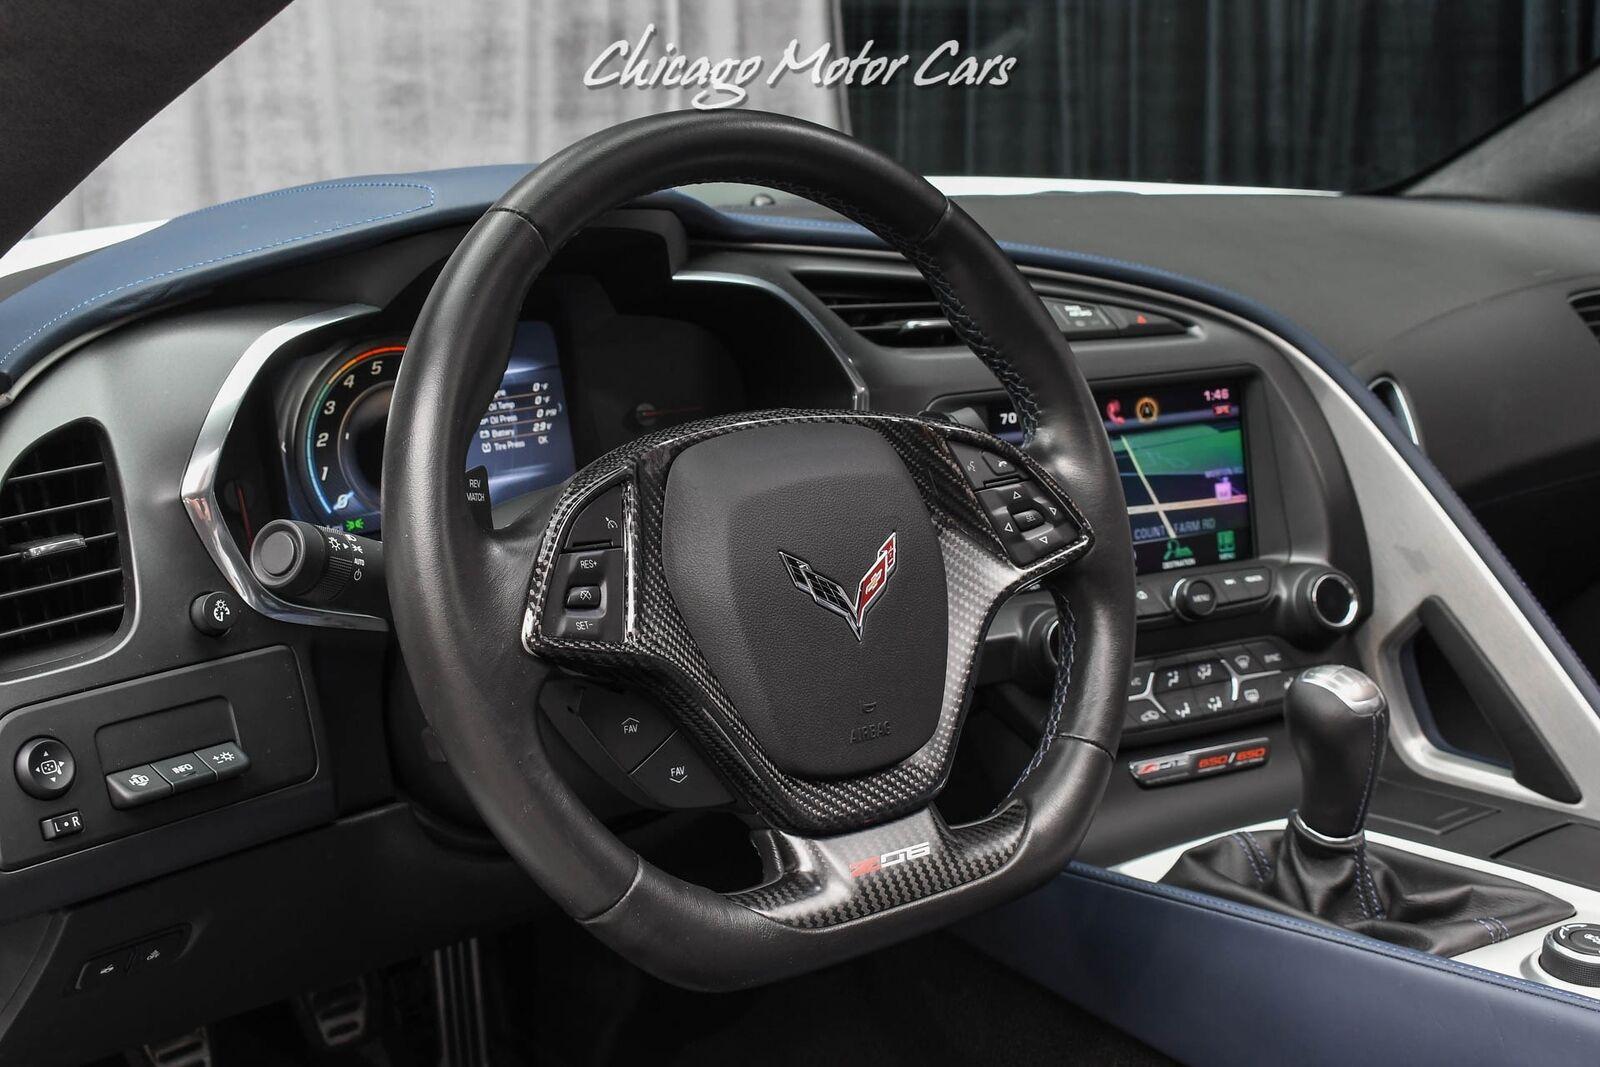 2015 White Chevrolet Corvette Z06 3LZ | C7 Corvette Photo 10